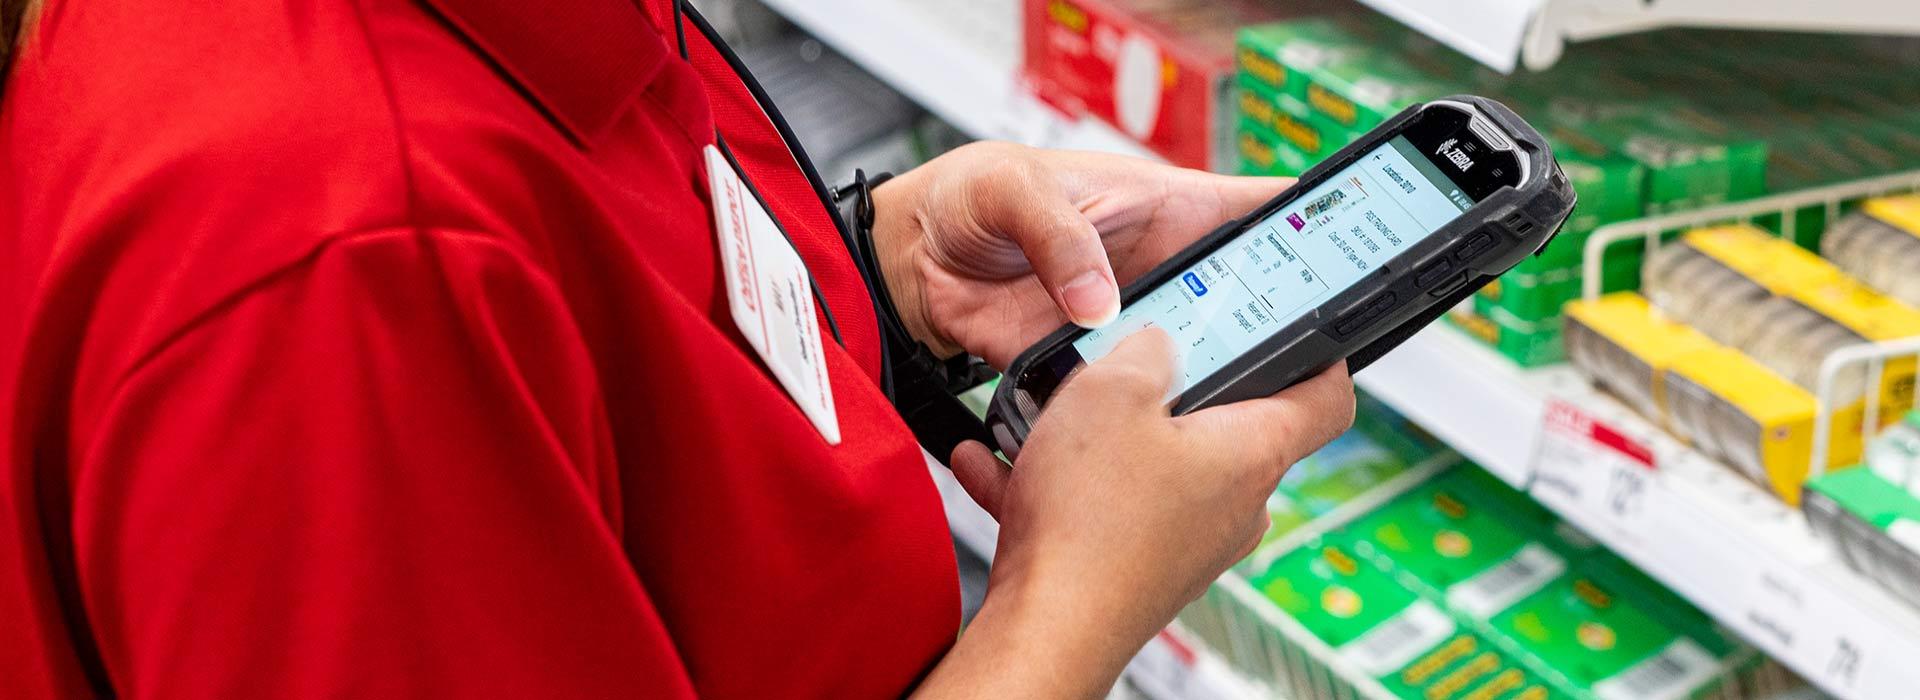 Einzelhandel MDE Geräte